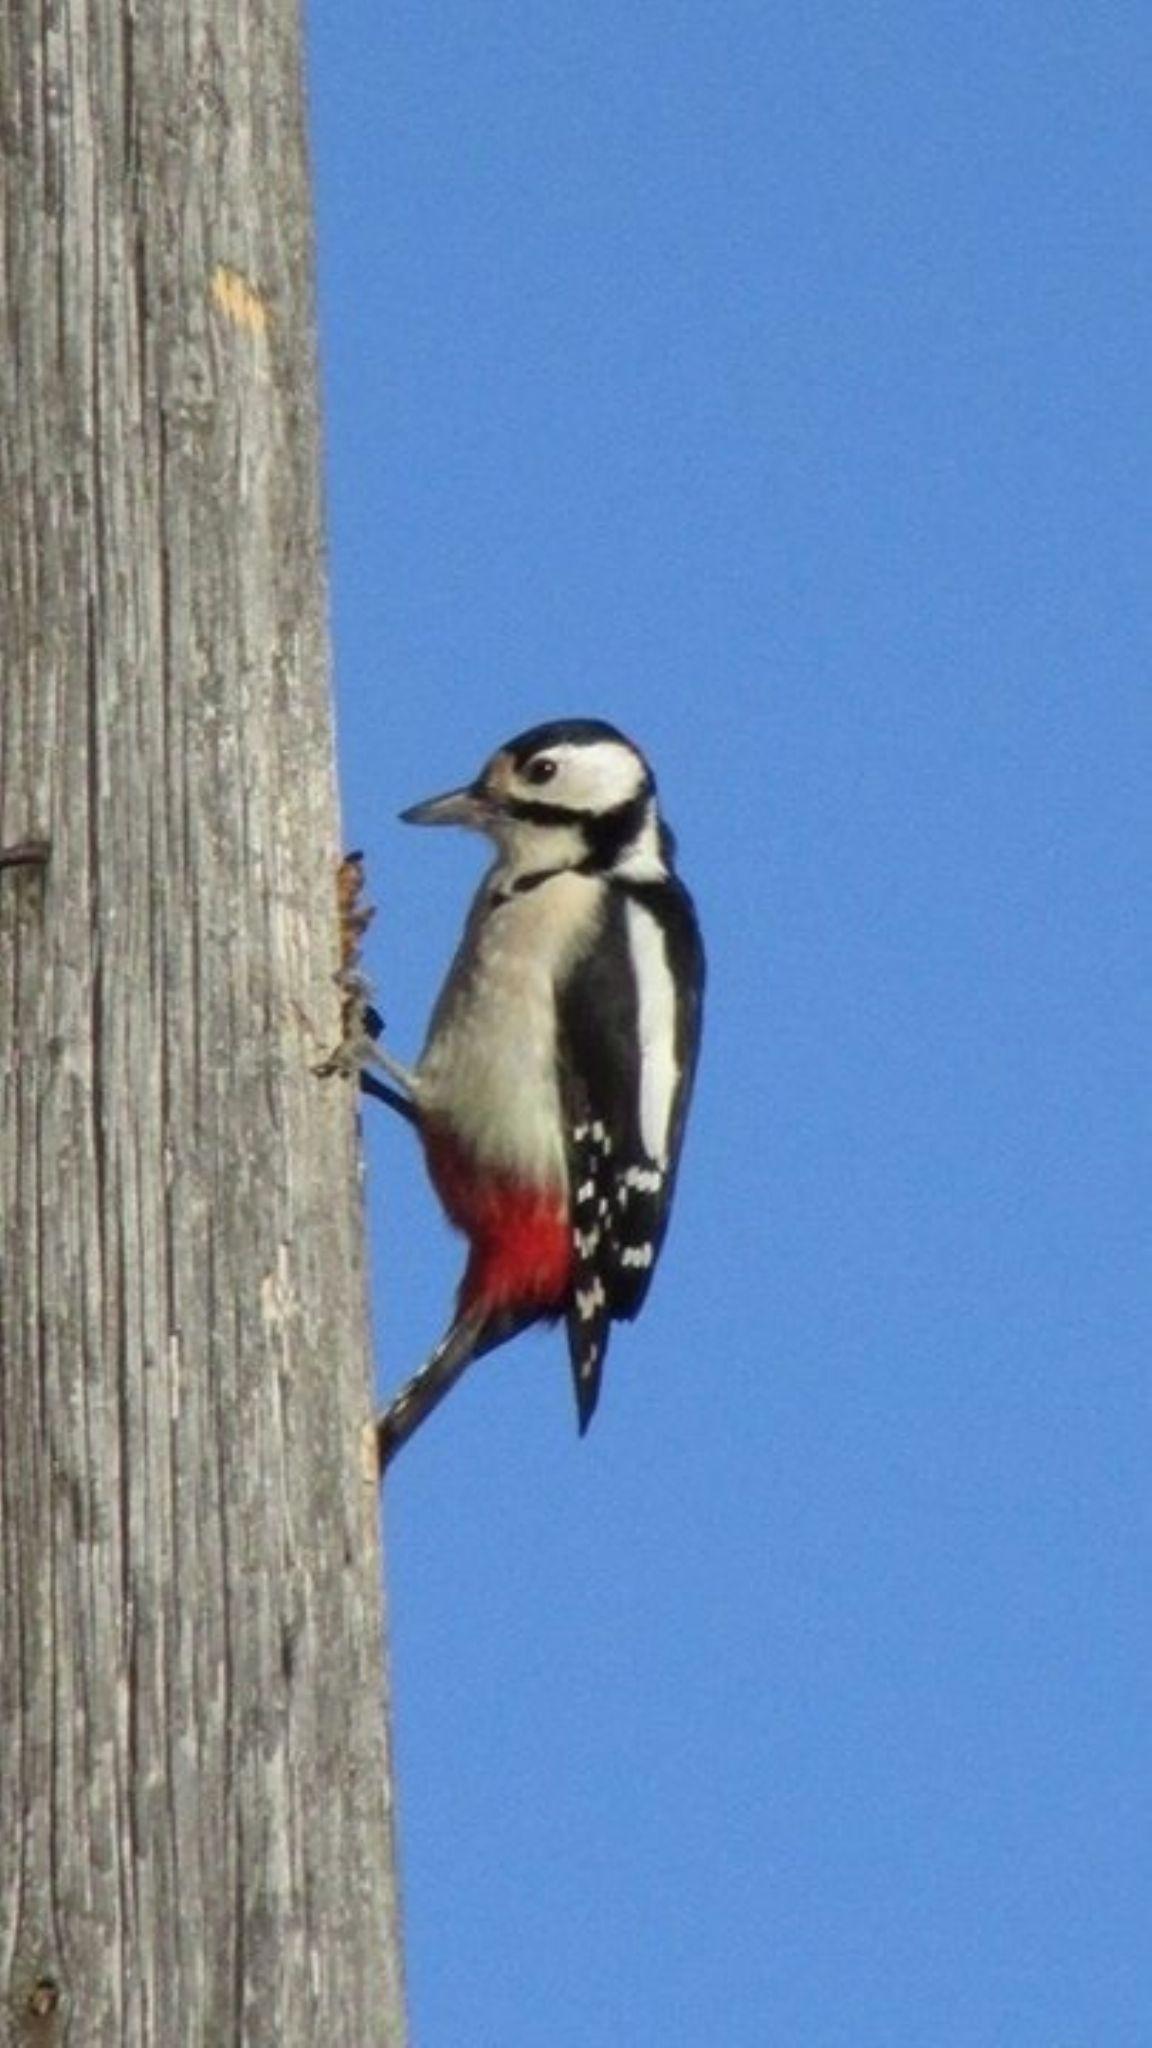 Woodpecker by saaramus